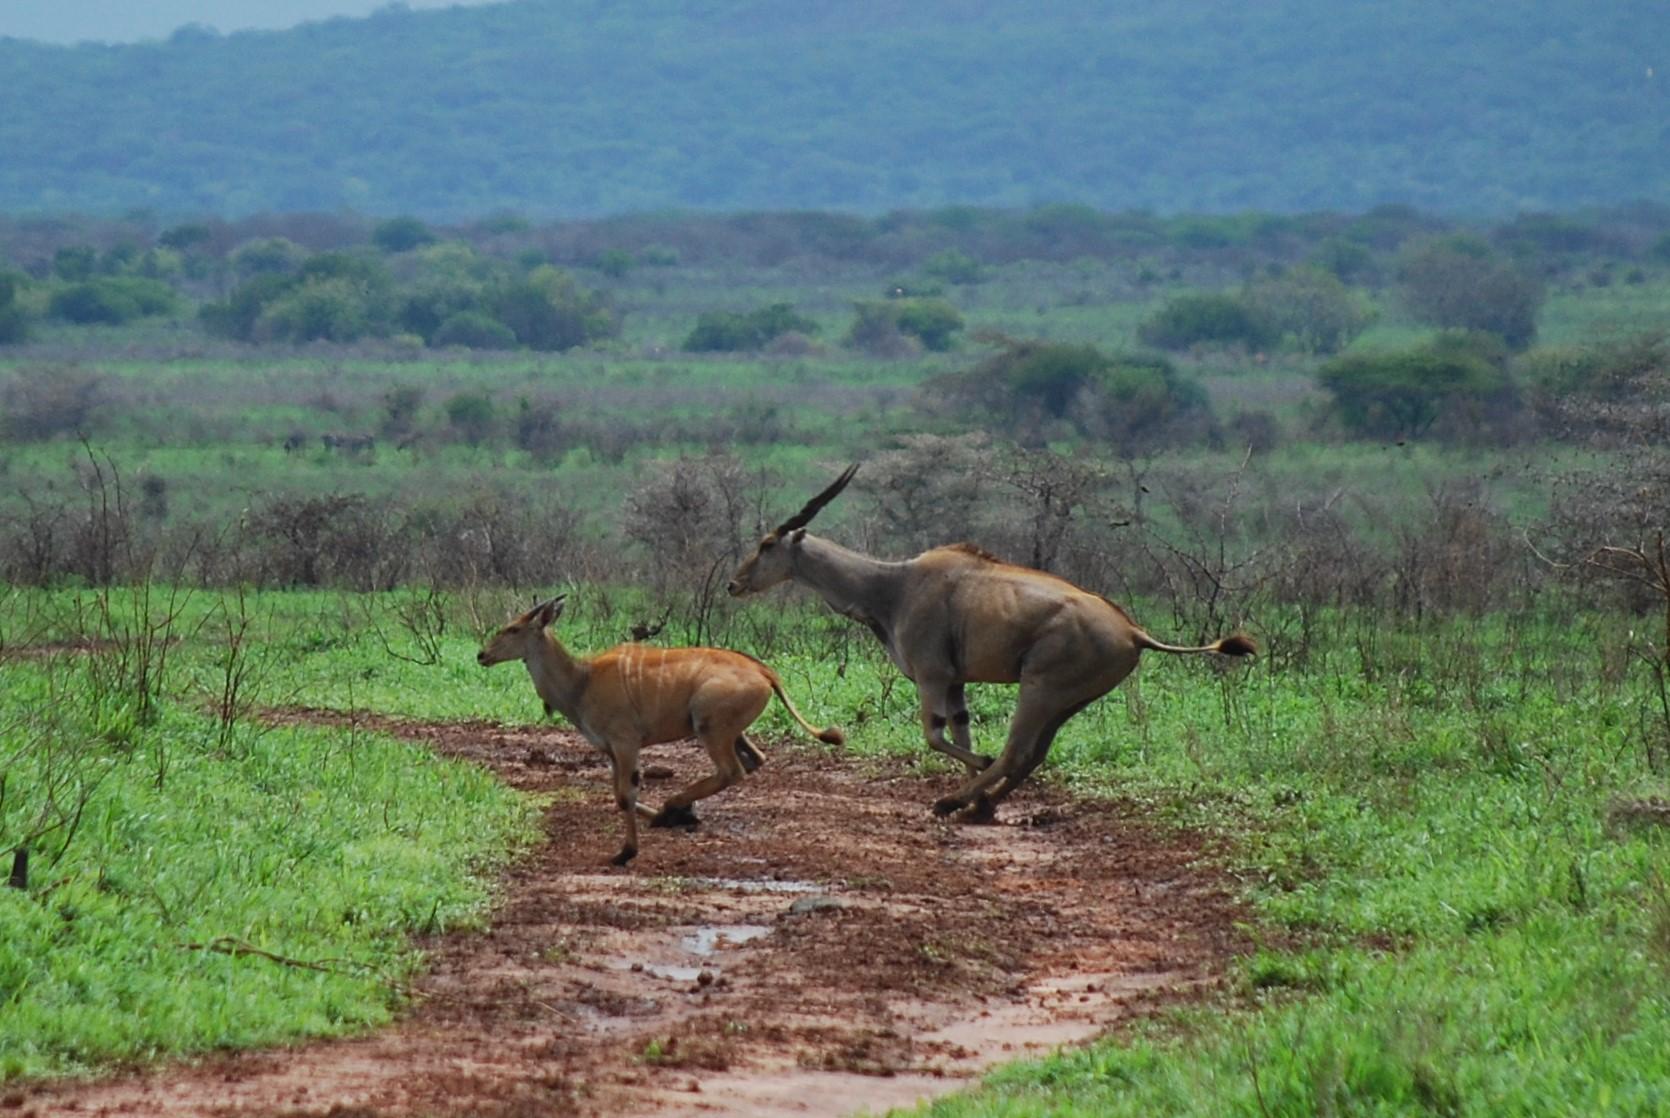 Der Mkomazi Nationalpark - raue, endlose Wildnis und noch sehr wenig besucht